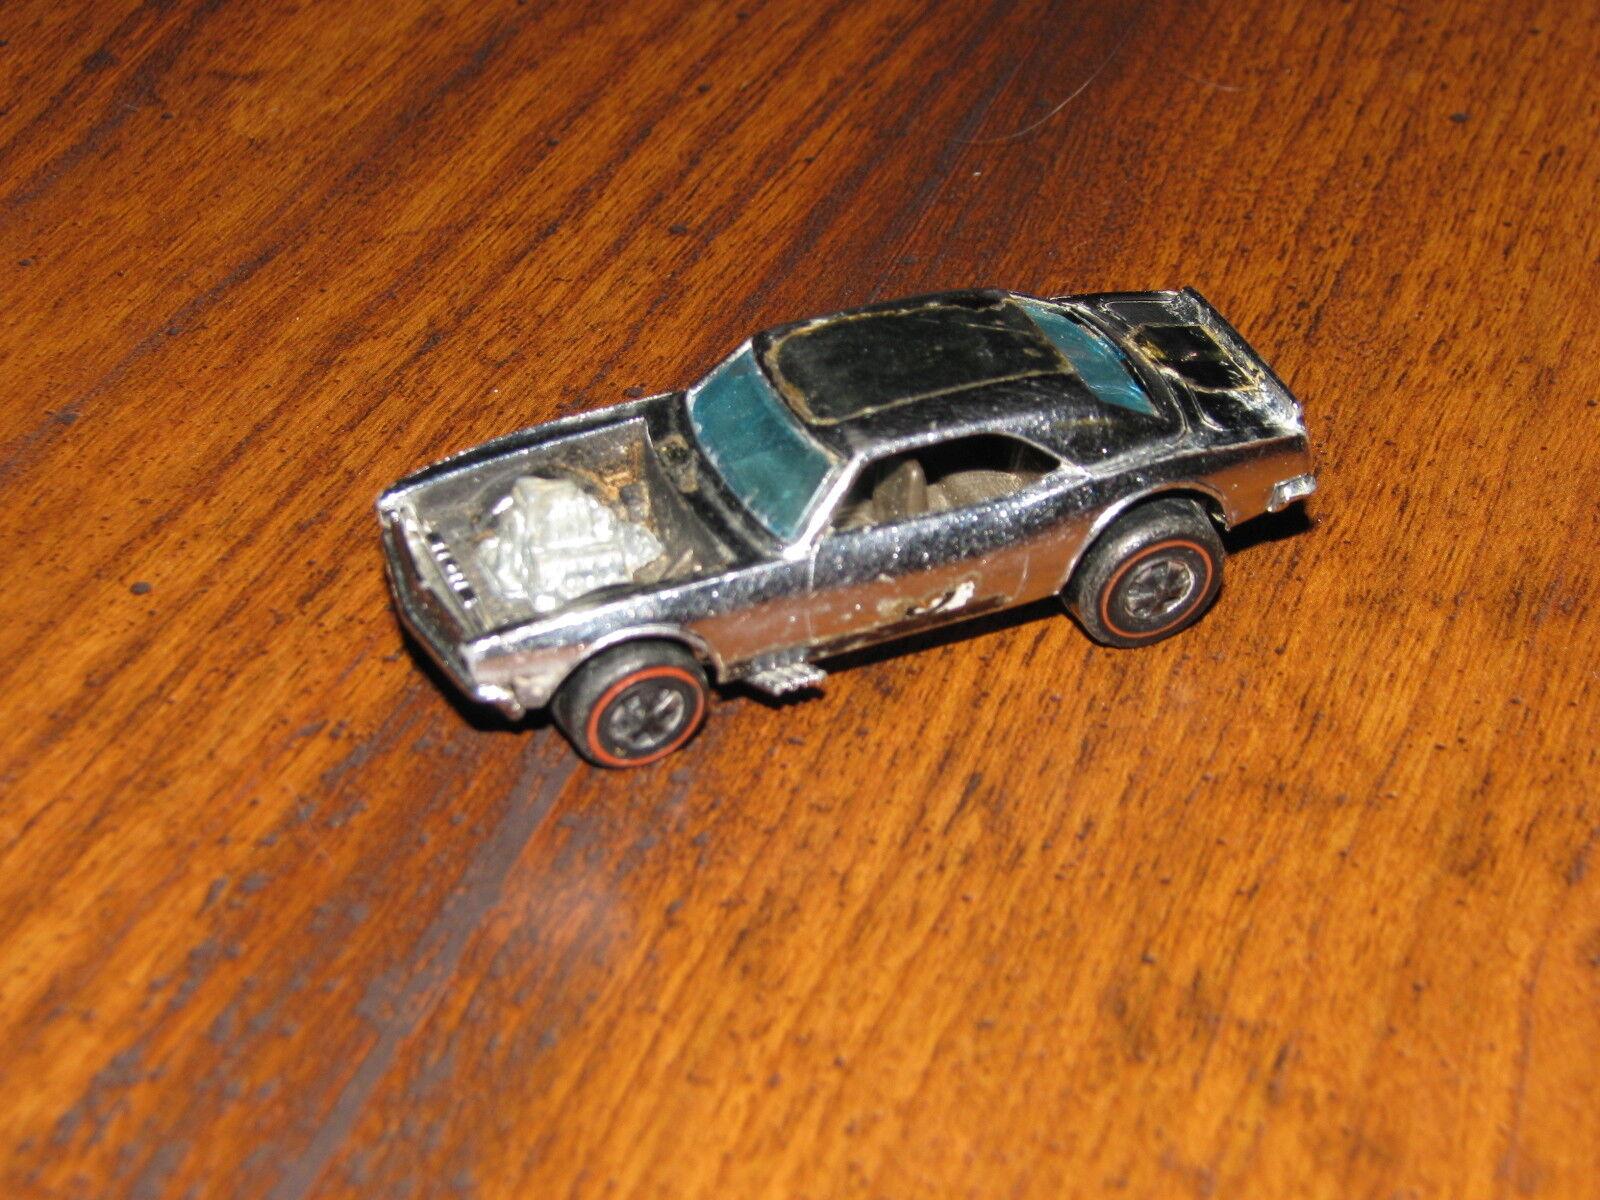 Club De Chevy Pesado Vintage Hot Wheels rojoline 1969 1969 1969 Camaro Cromo Raro Especial dab56f